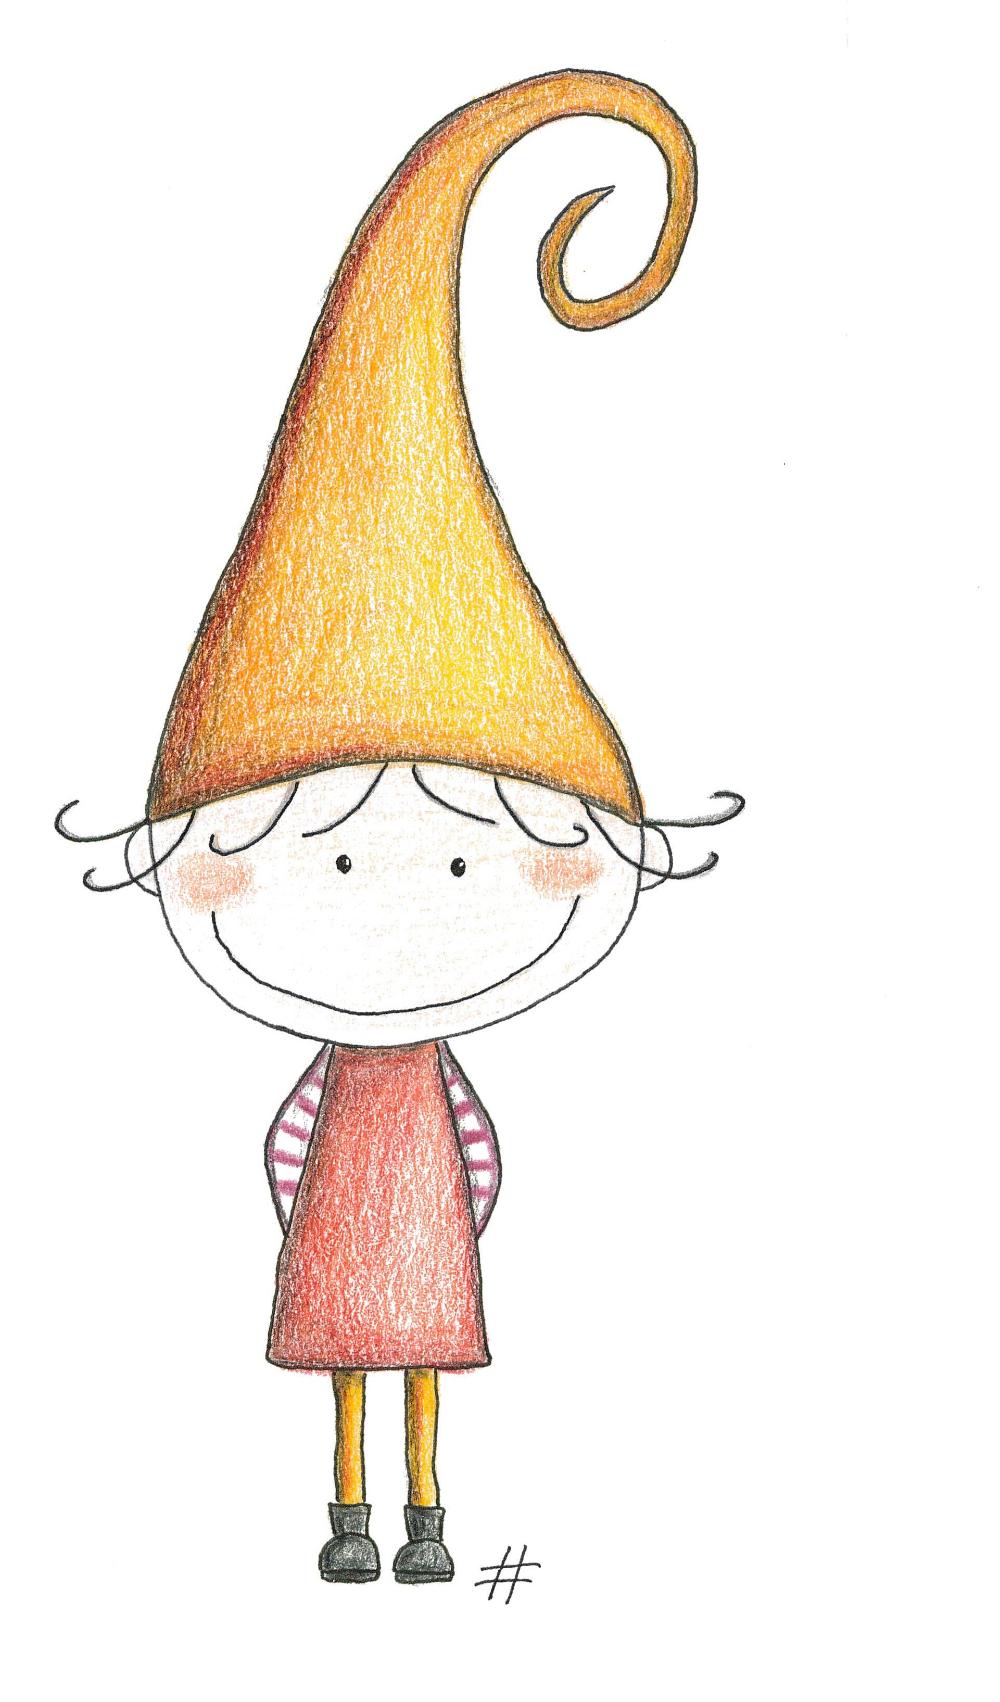 dessins de lutins mignons  recherche google  weihnachten